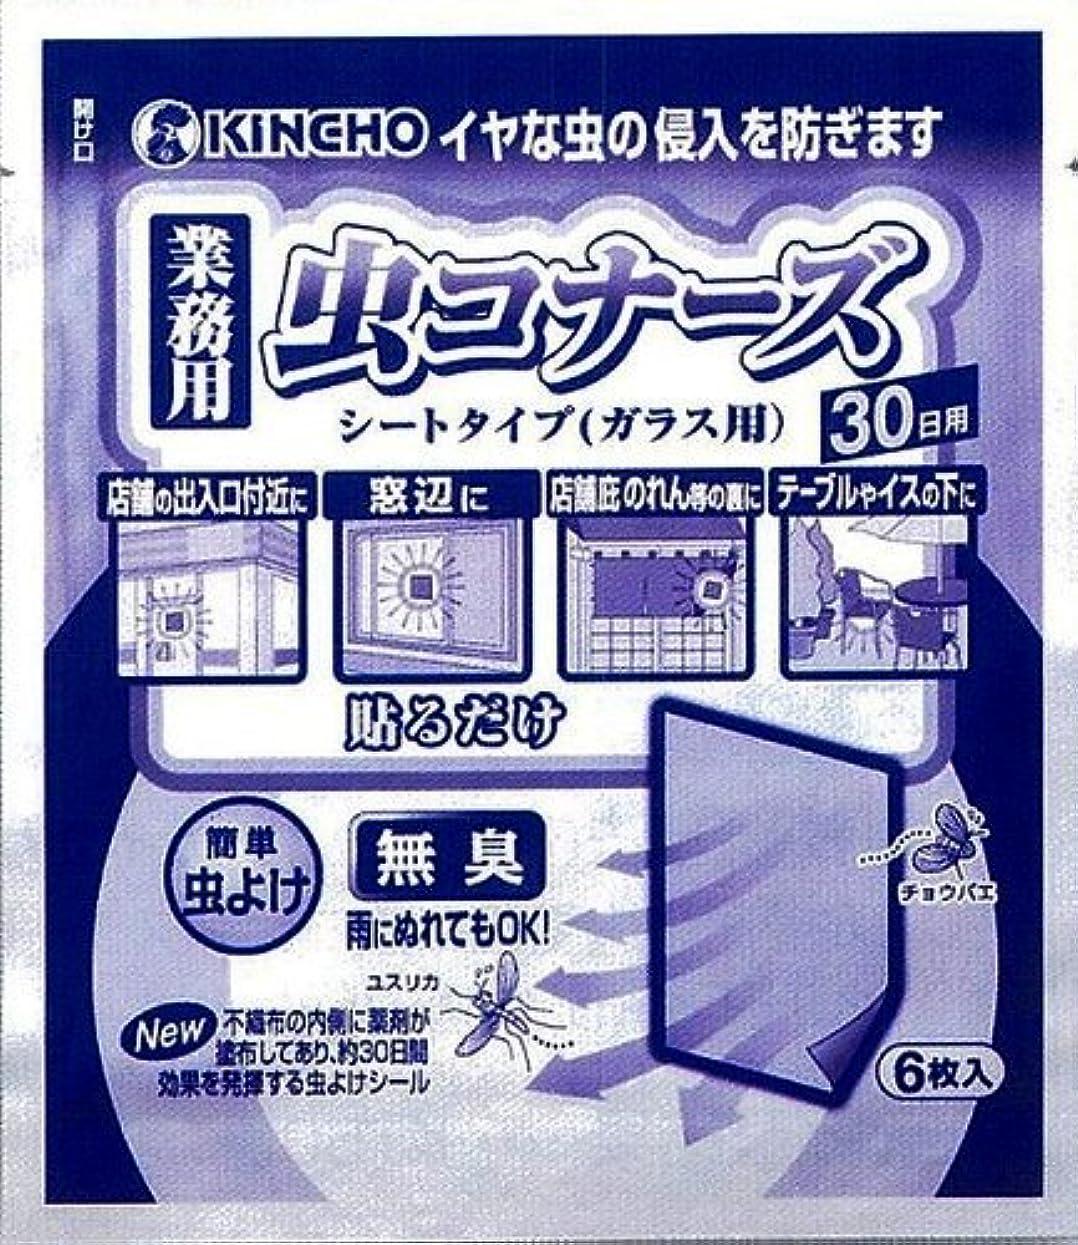 (まとめ買い) 大日本除虫菊 業務用 虫コナーズ シートタイプ ガラス用 30日用 1袋6枚入 255864 【×3】